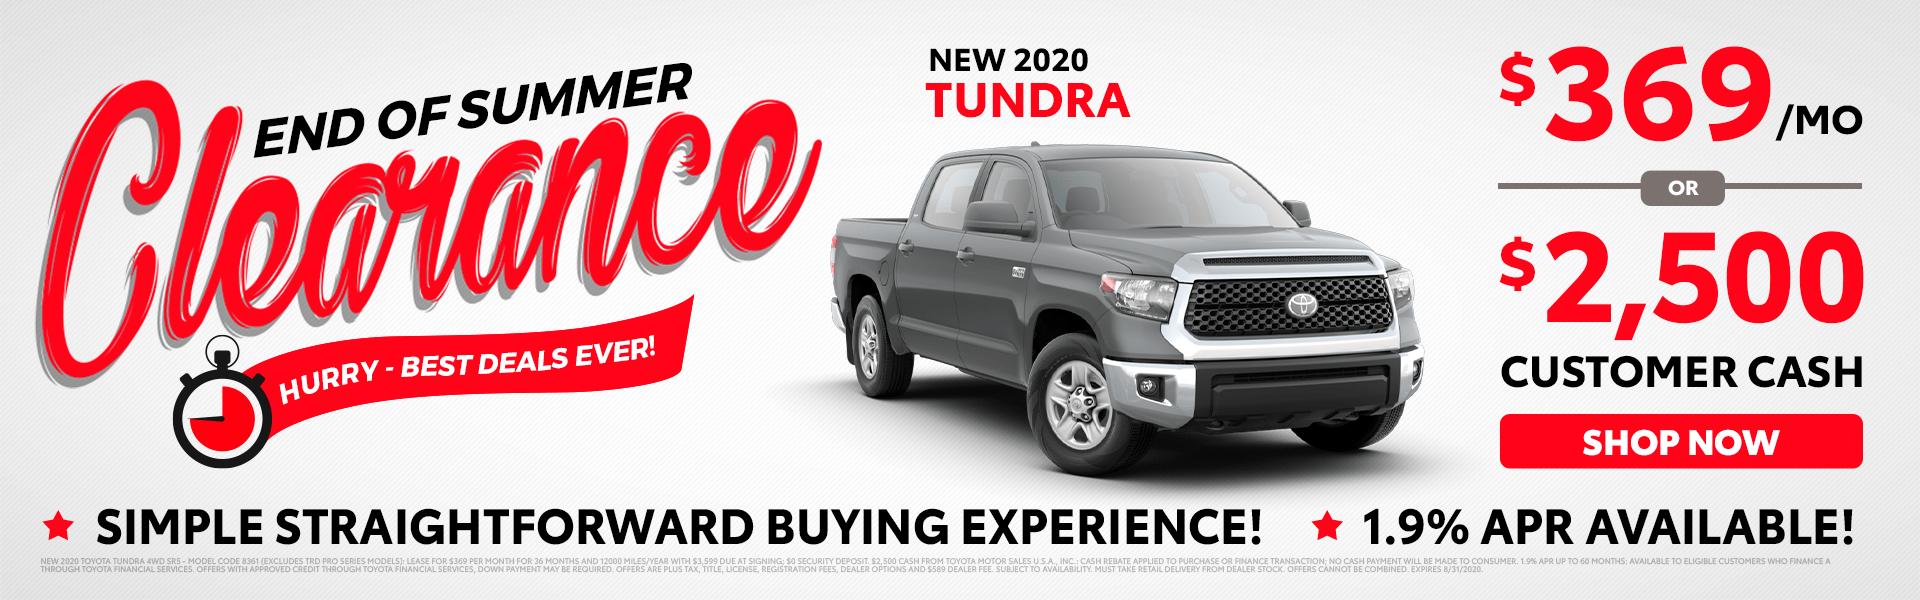 2020 Tundra